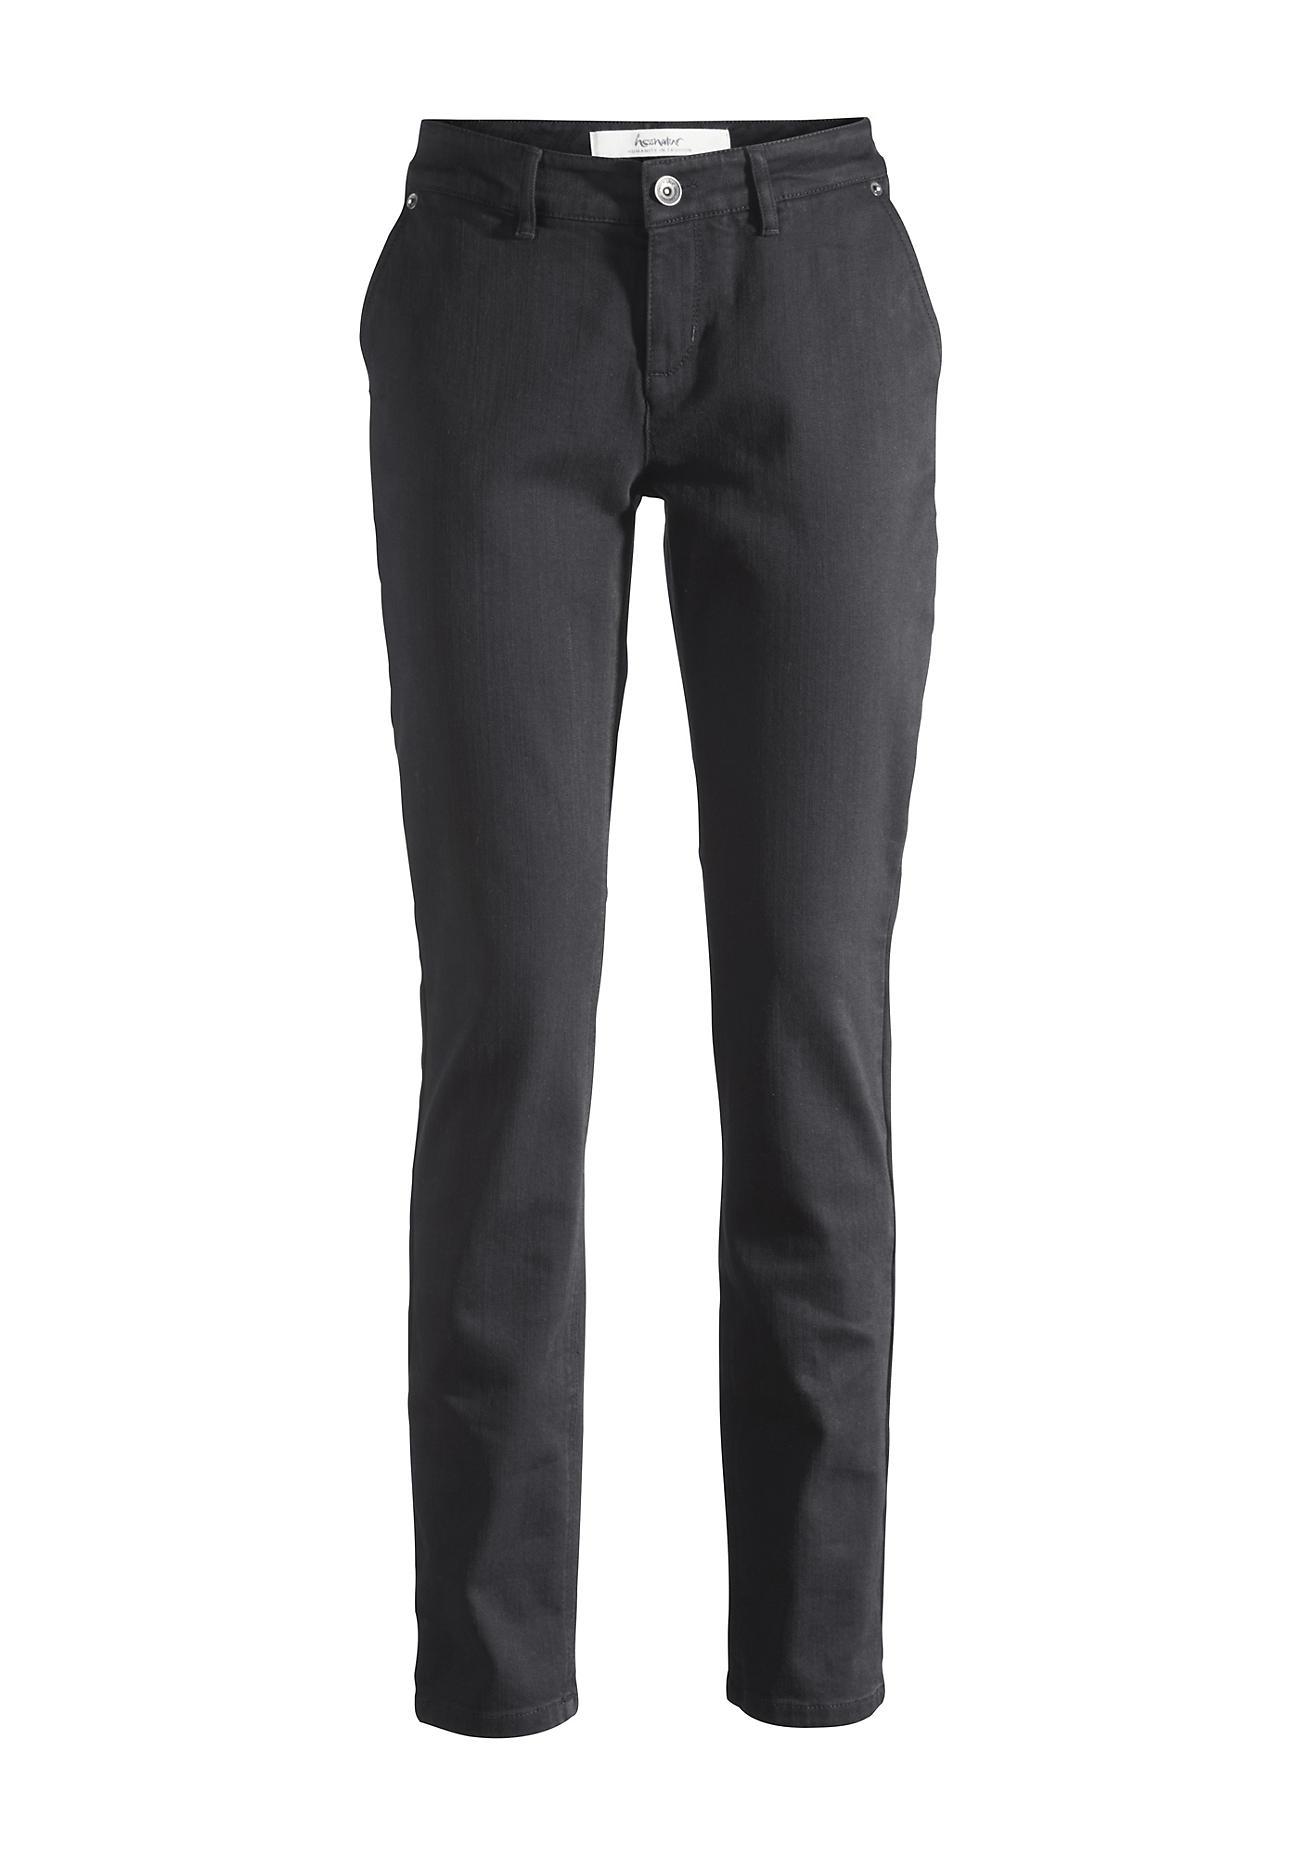 Hosen für Frauen - hessnatur Damen Jeans Relaxed Fit aus Bio Denim – schwarz –  - Onlineshop Hessnatur